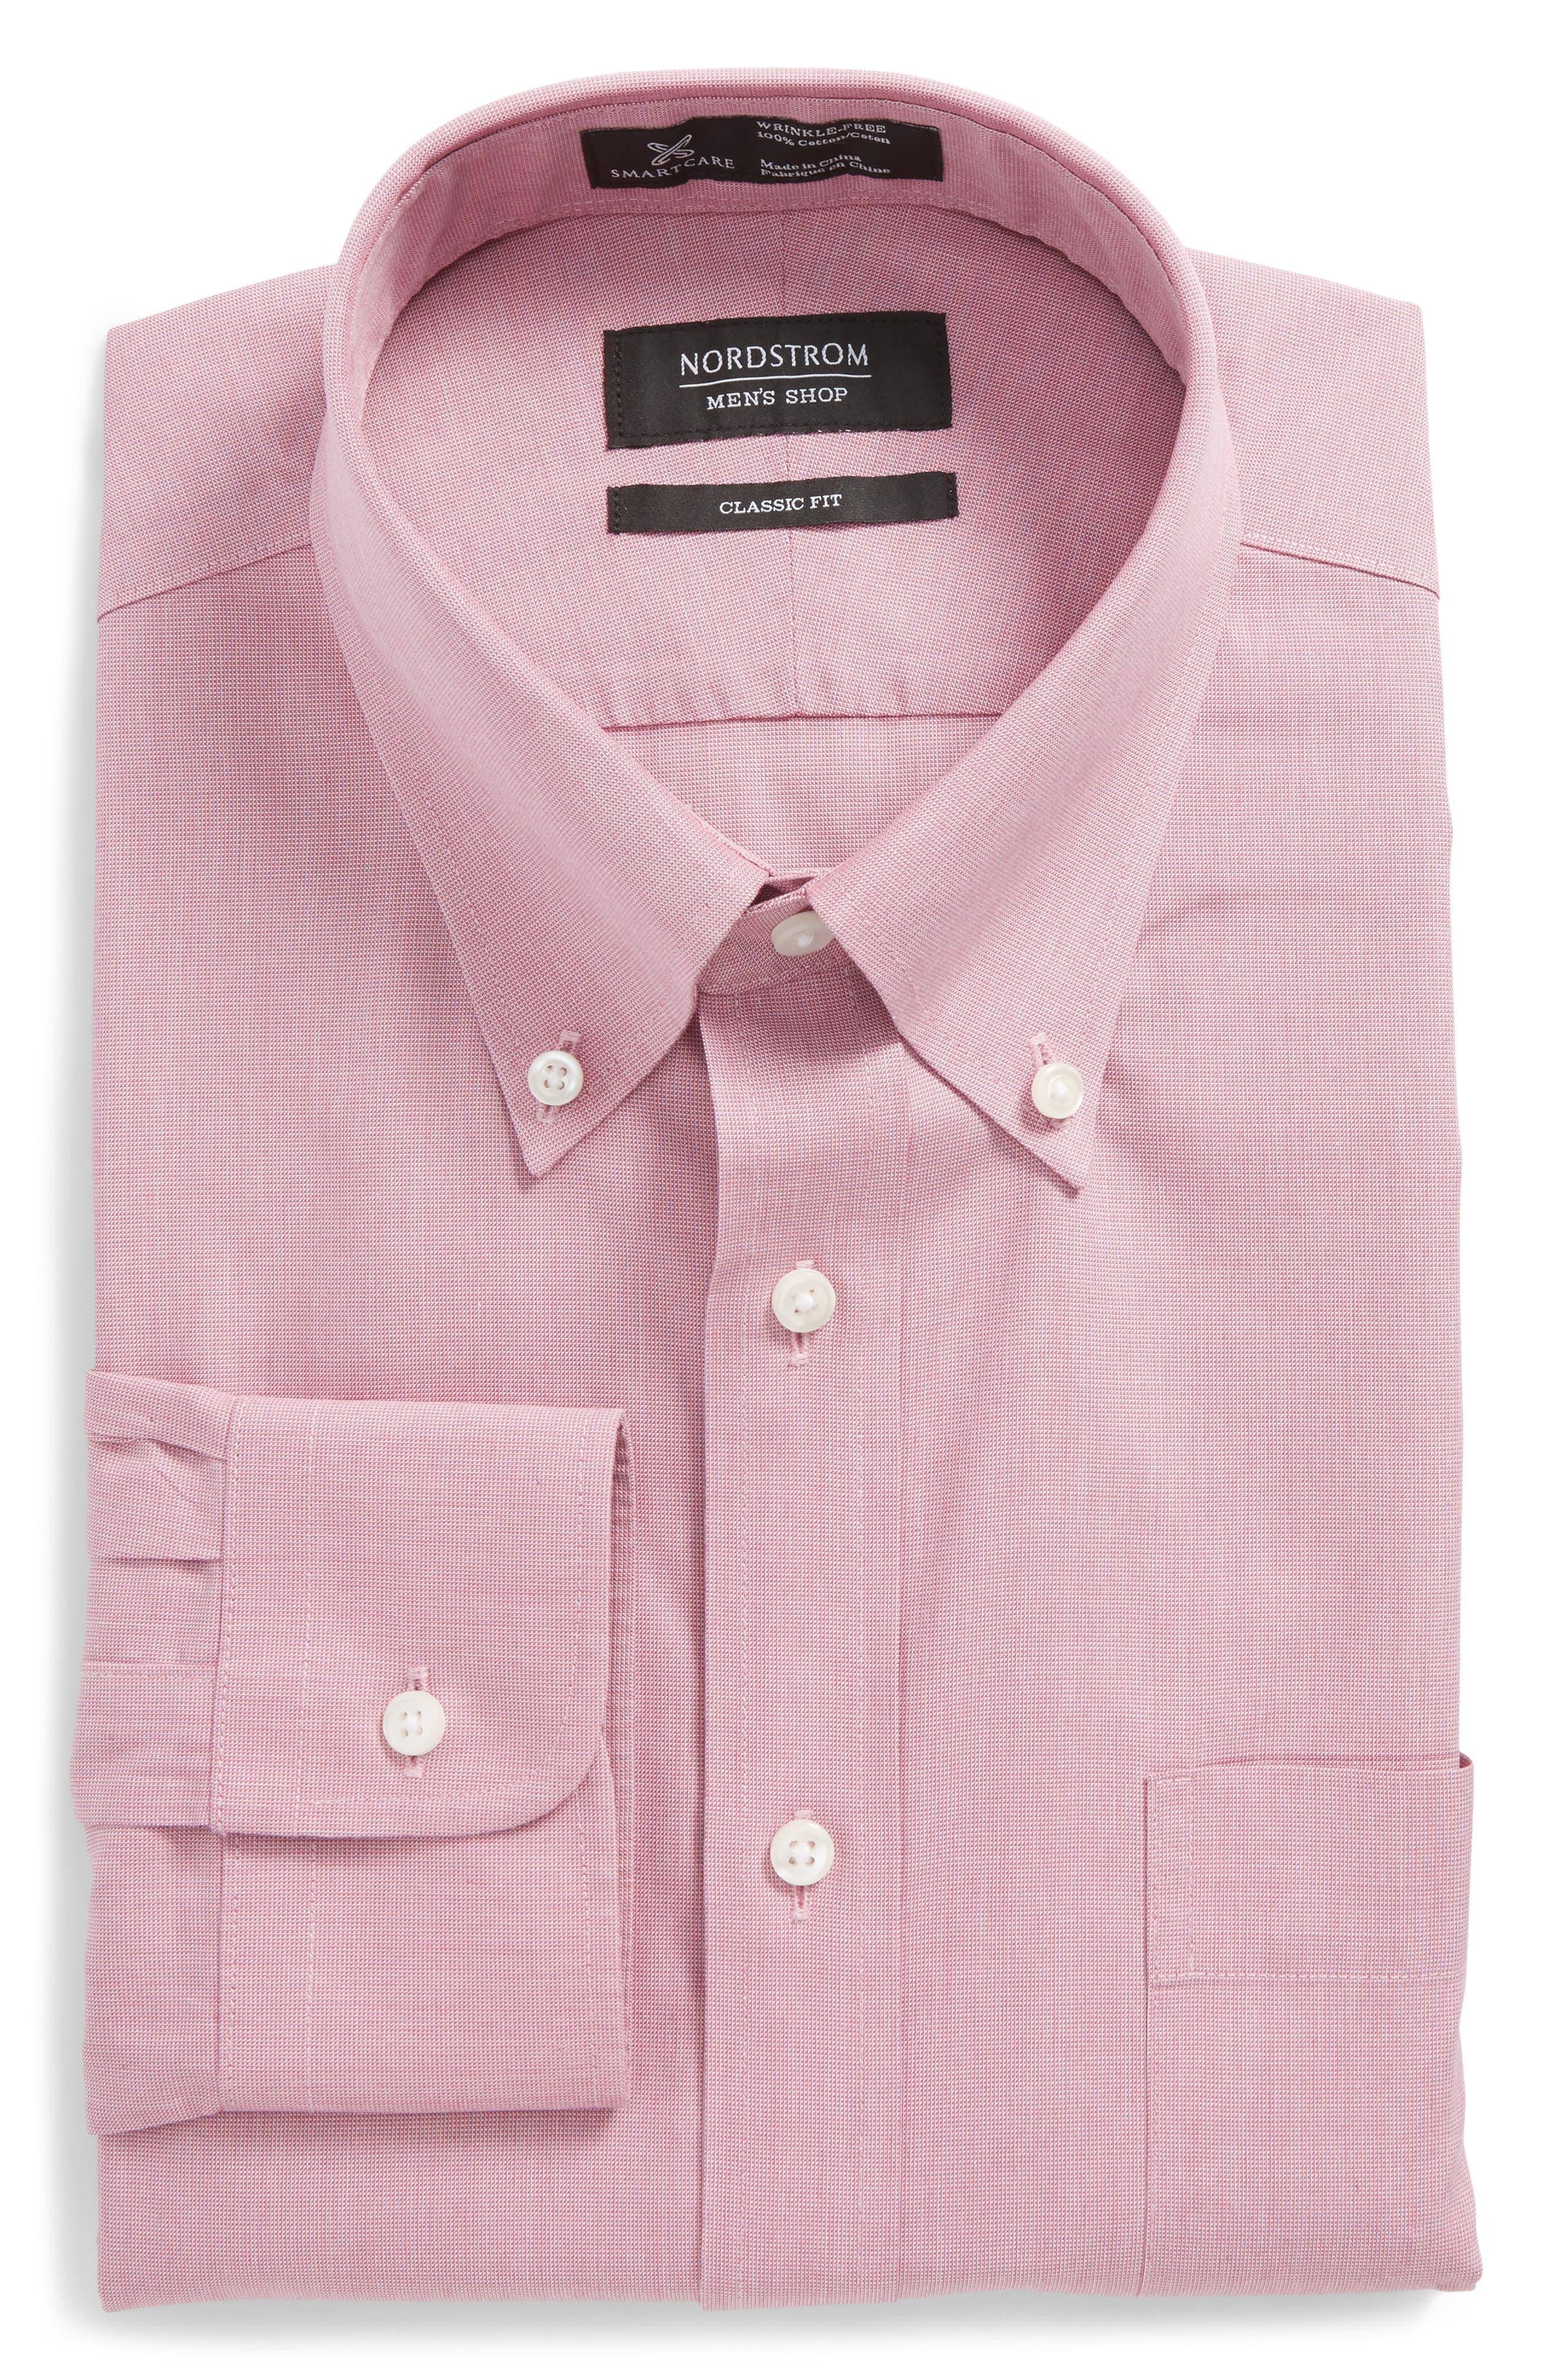 NORDSTROM MEN'S SHOP Smartcare<sup>™</sup> Classic Fit Pinpoint Dress Shirt, Main, color, 650